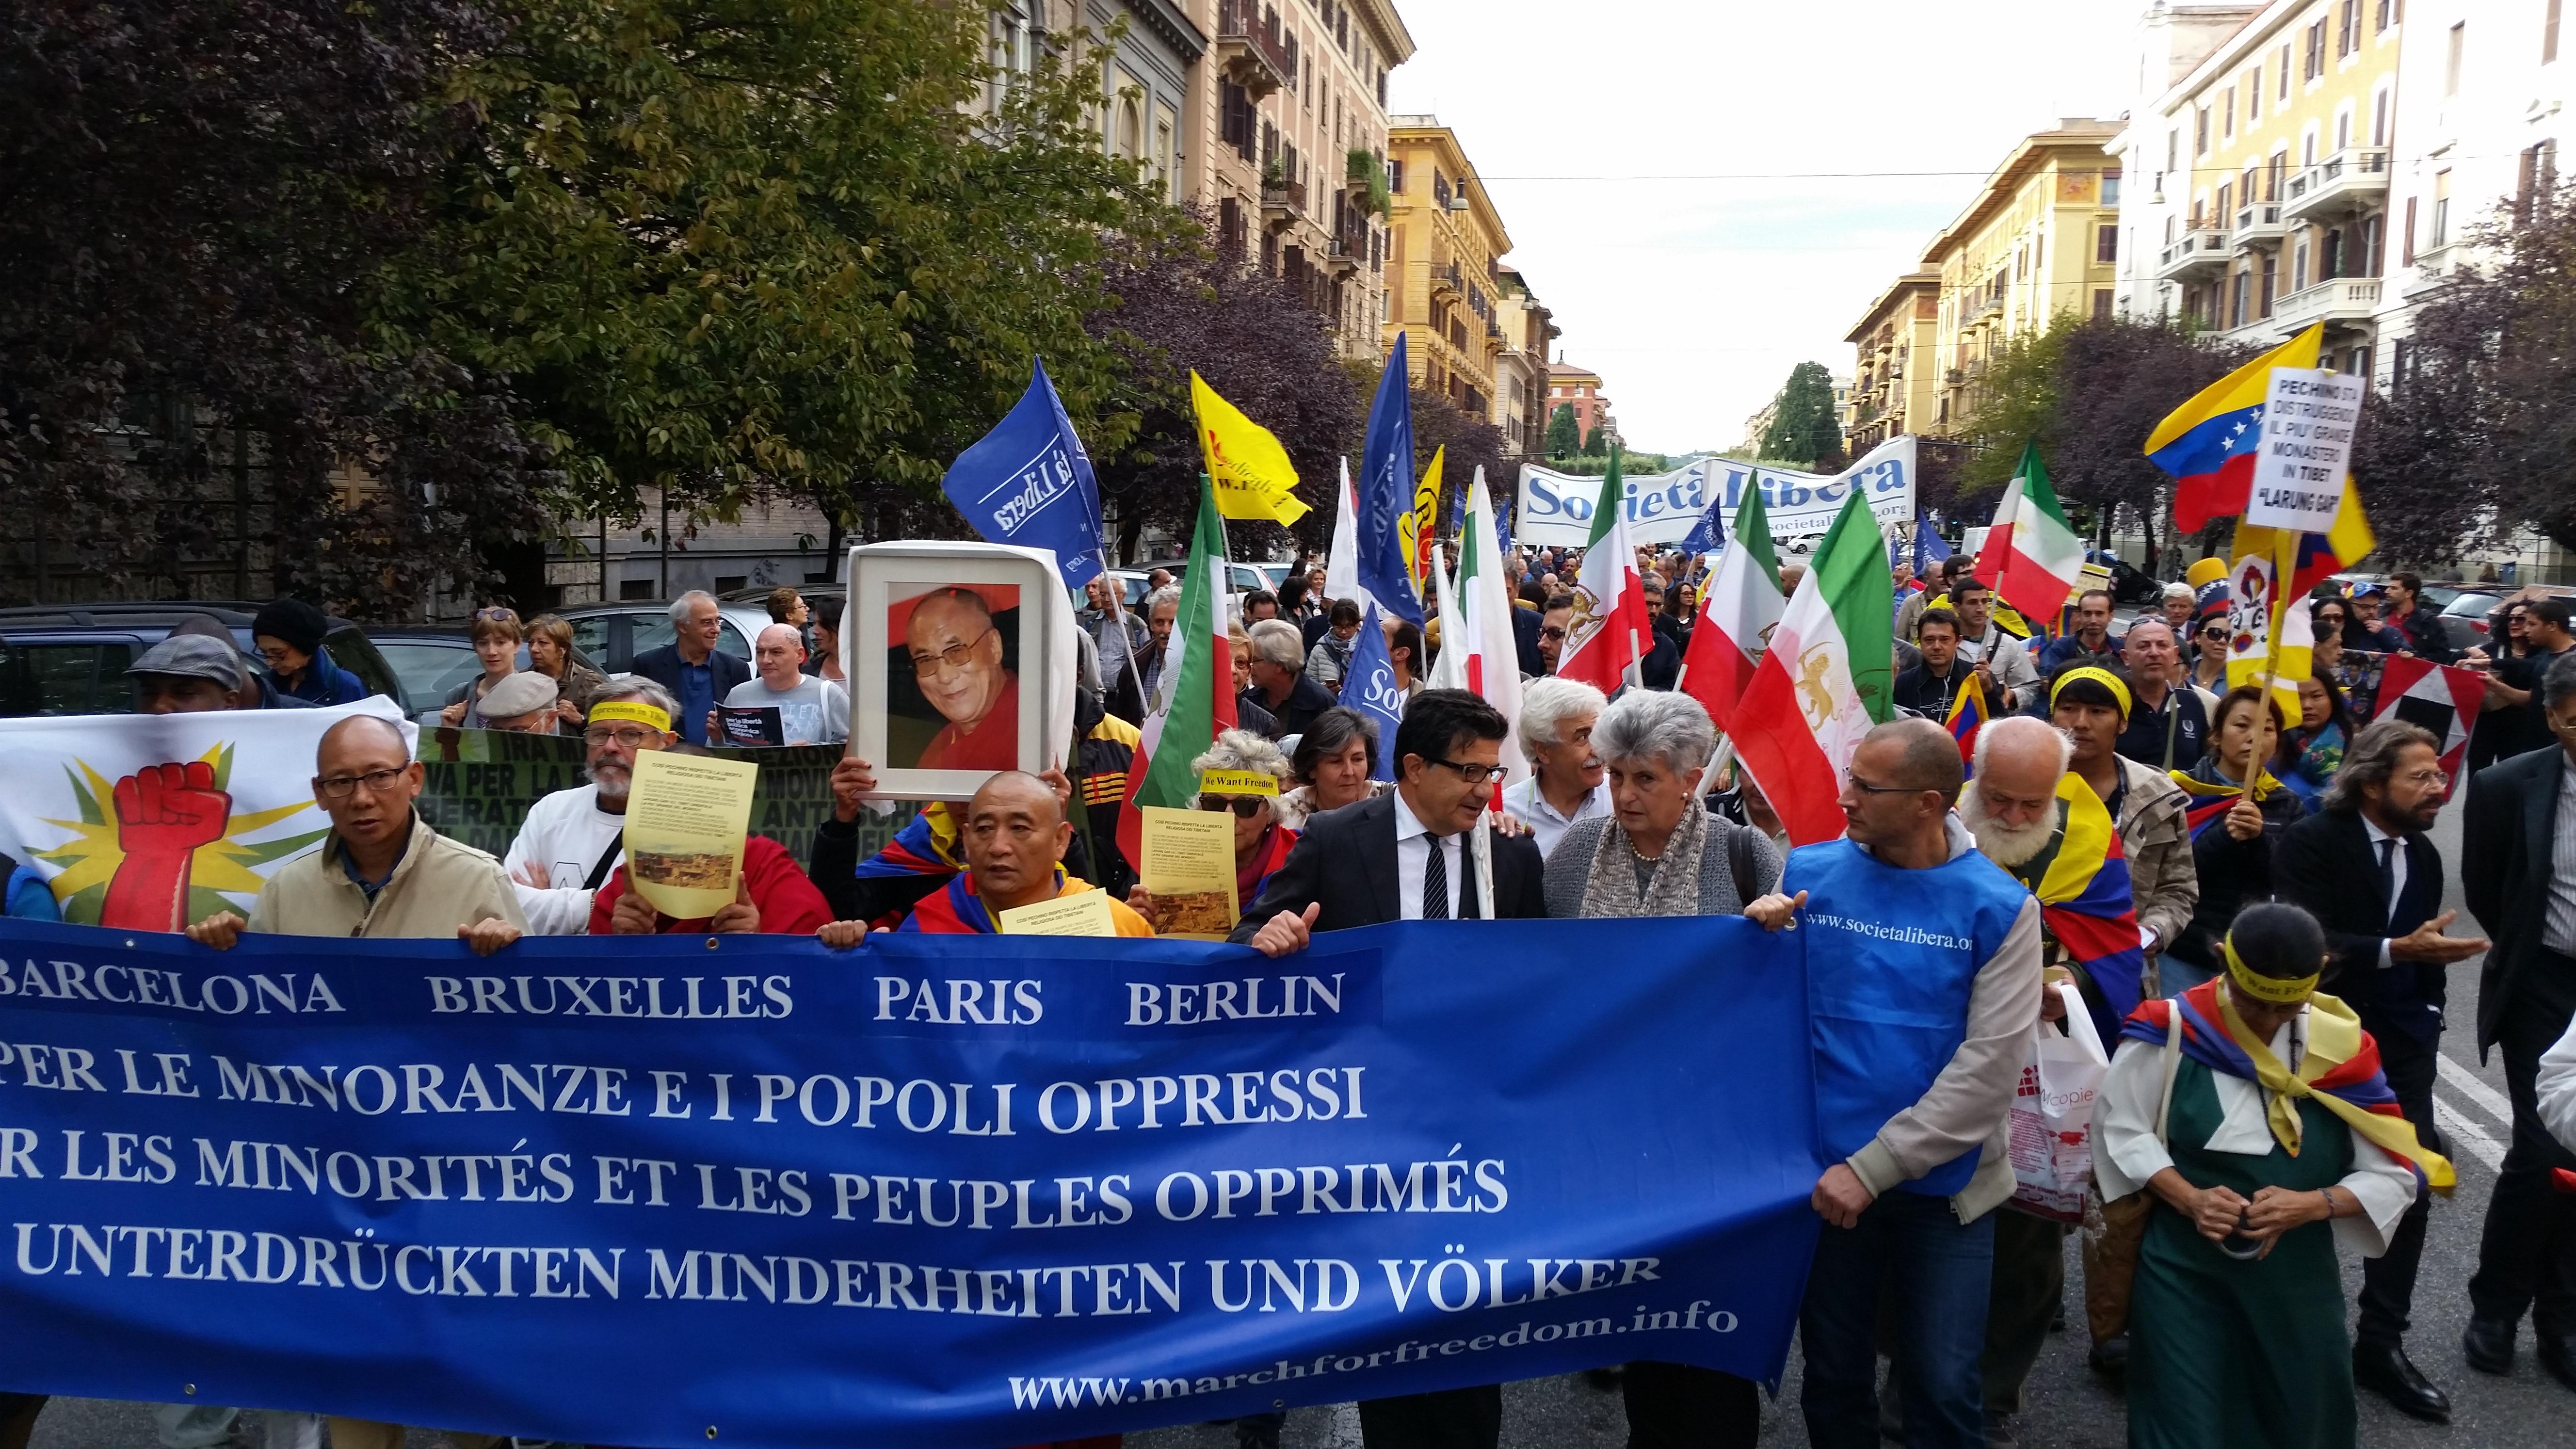 Roma, Parigi, IX Marcia per la Libertà dei popoli e delle minoranze oppresse, 8 ottobre 2016